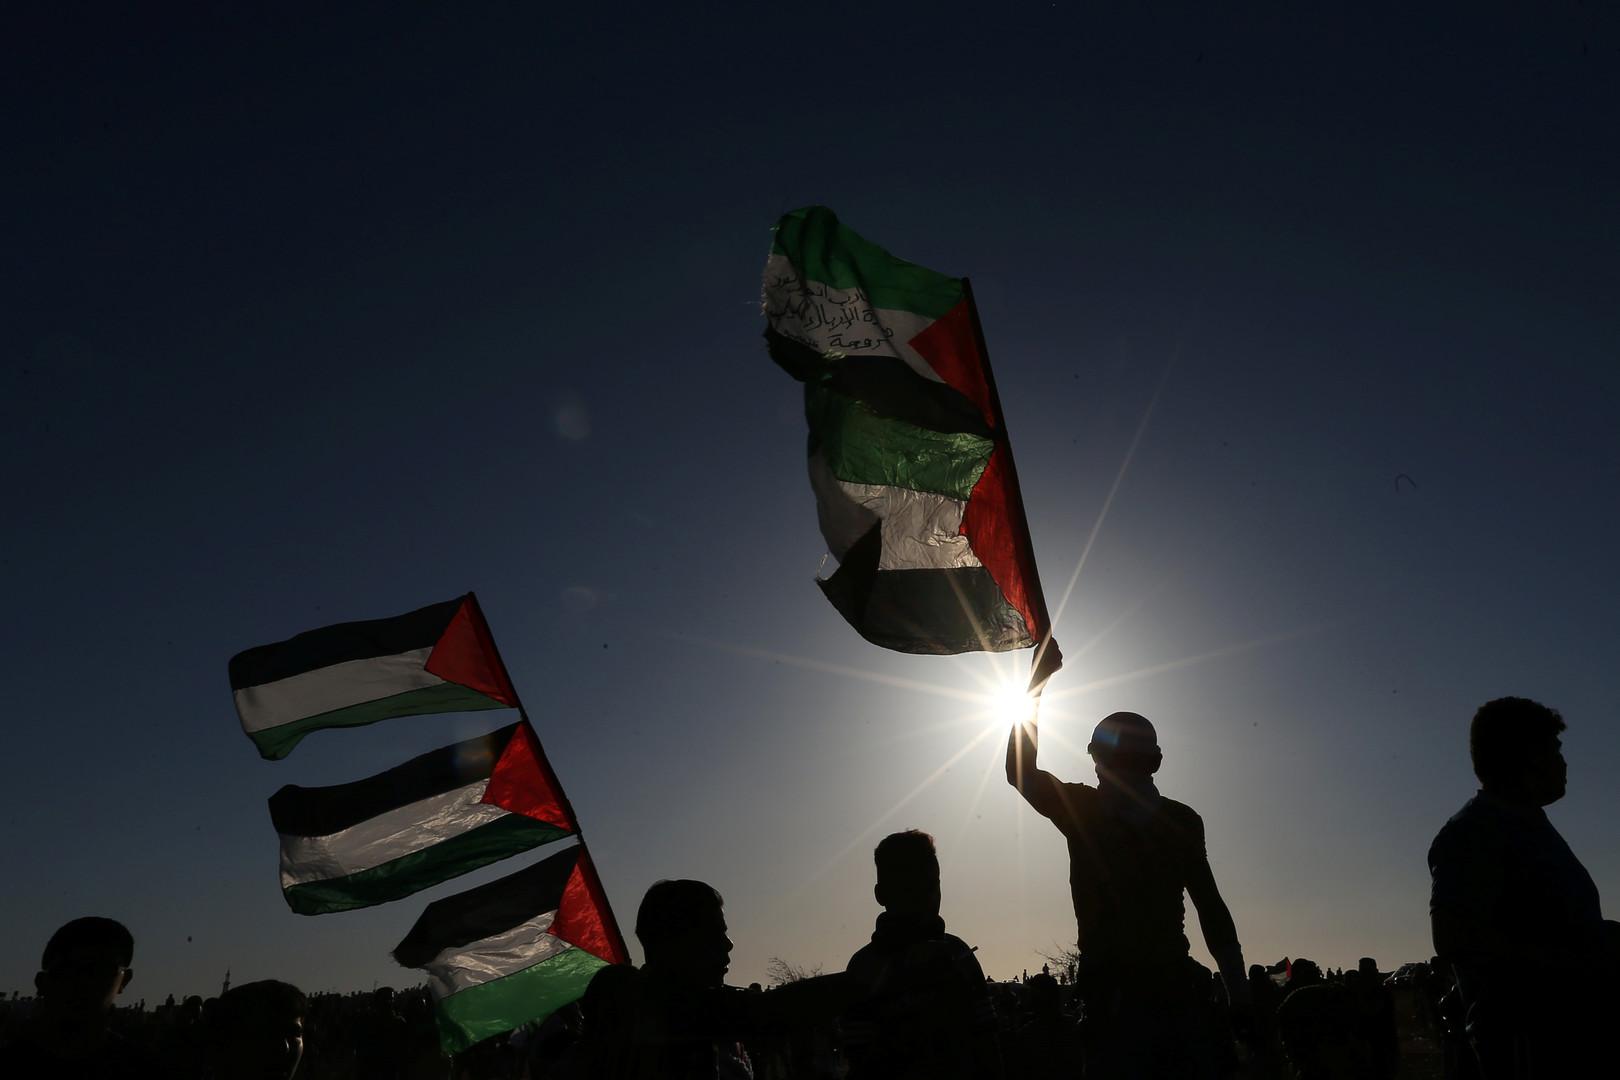 في ذكرى النكبة.. الجيش الإسرائيلي يدفع بطلب لحماس!